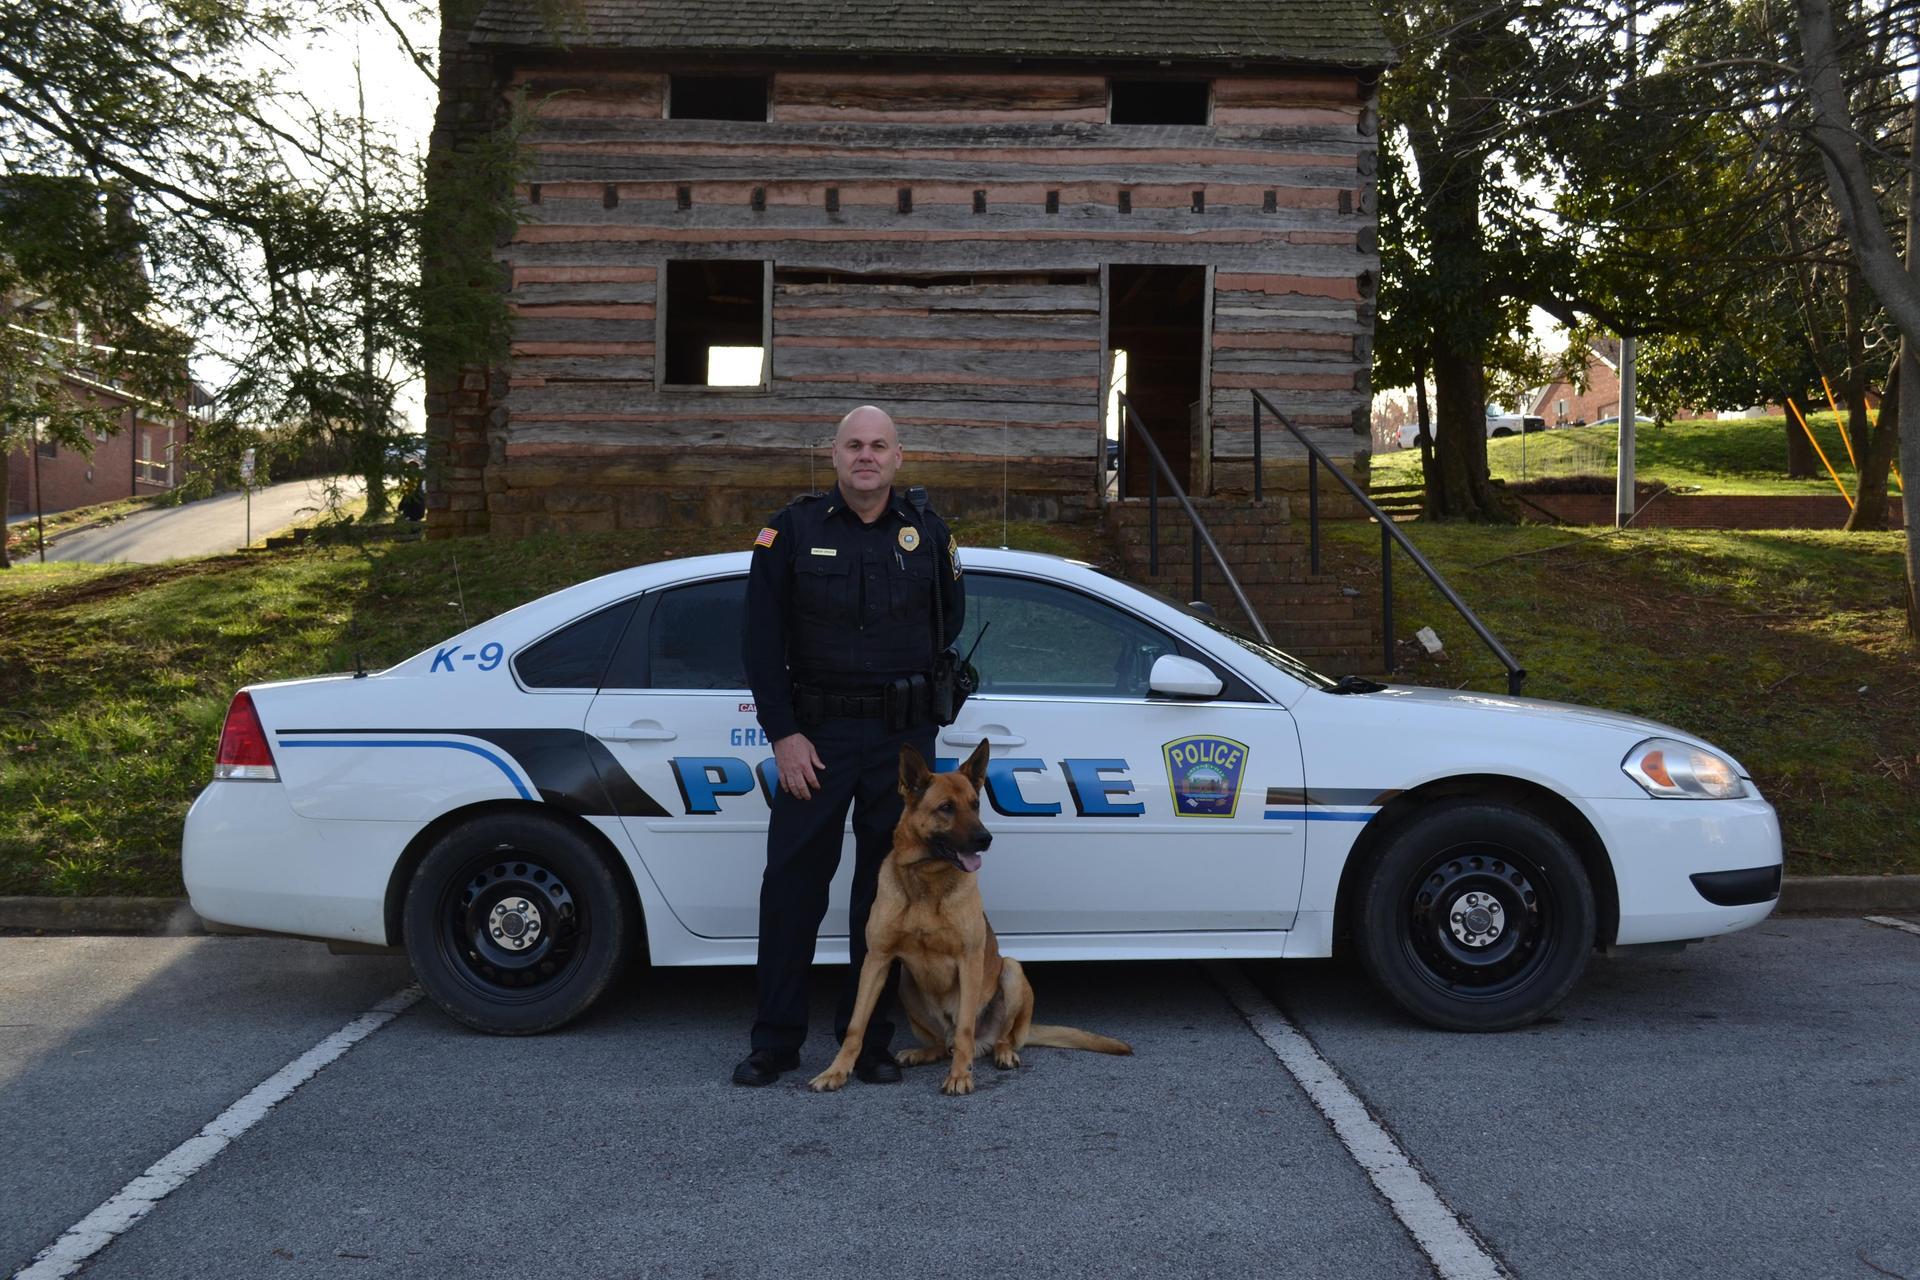 Officer C. Spradlin and Kajo